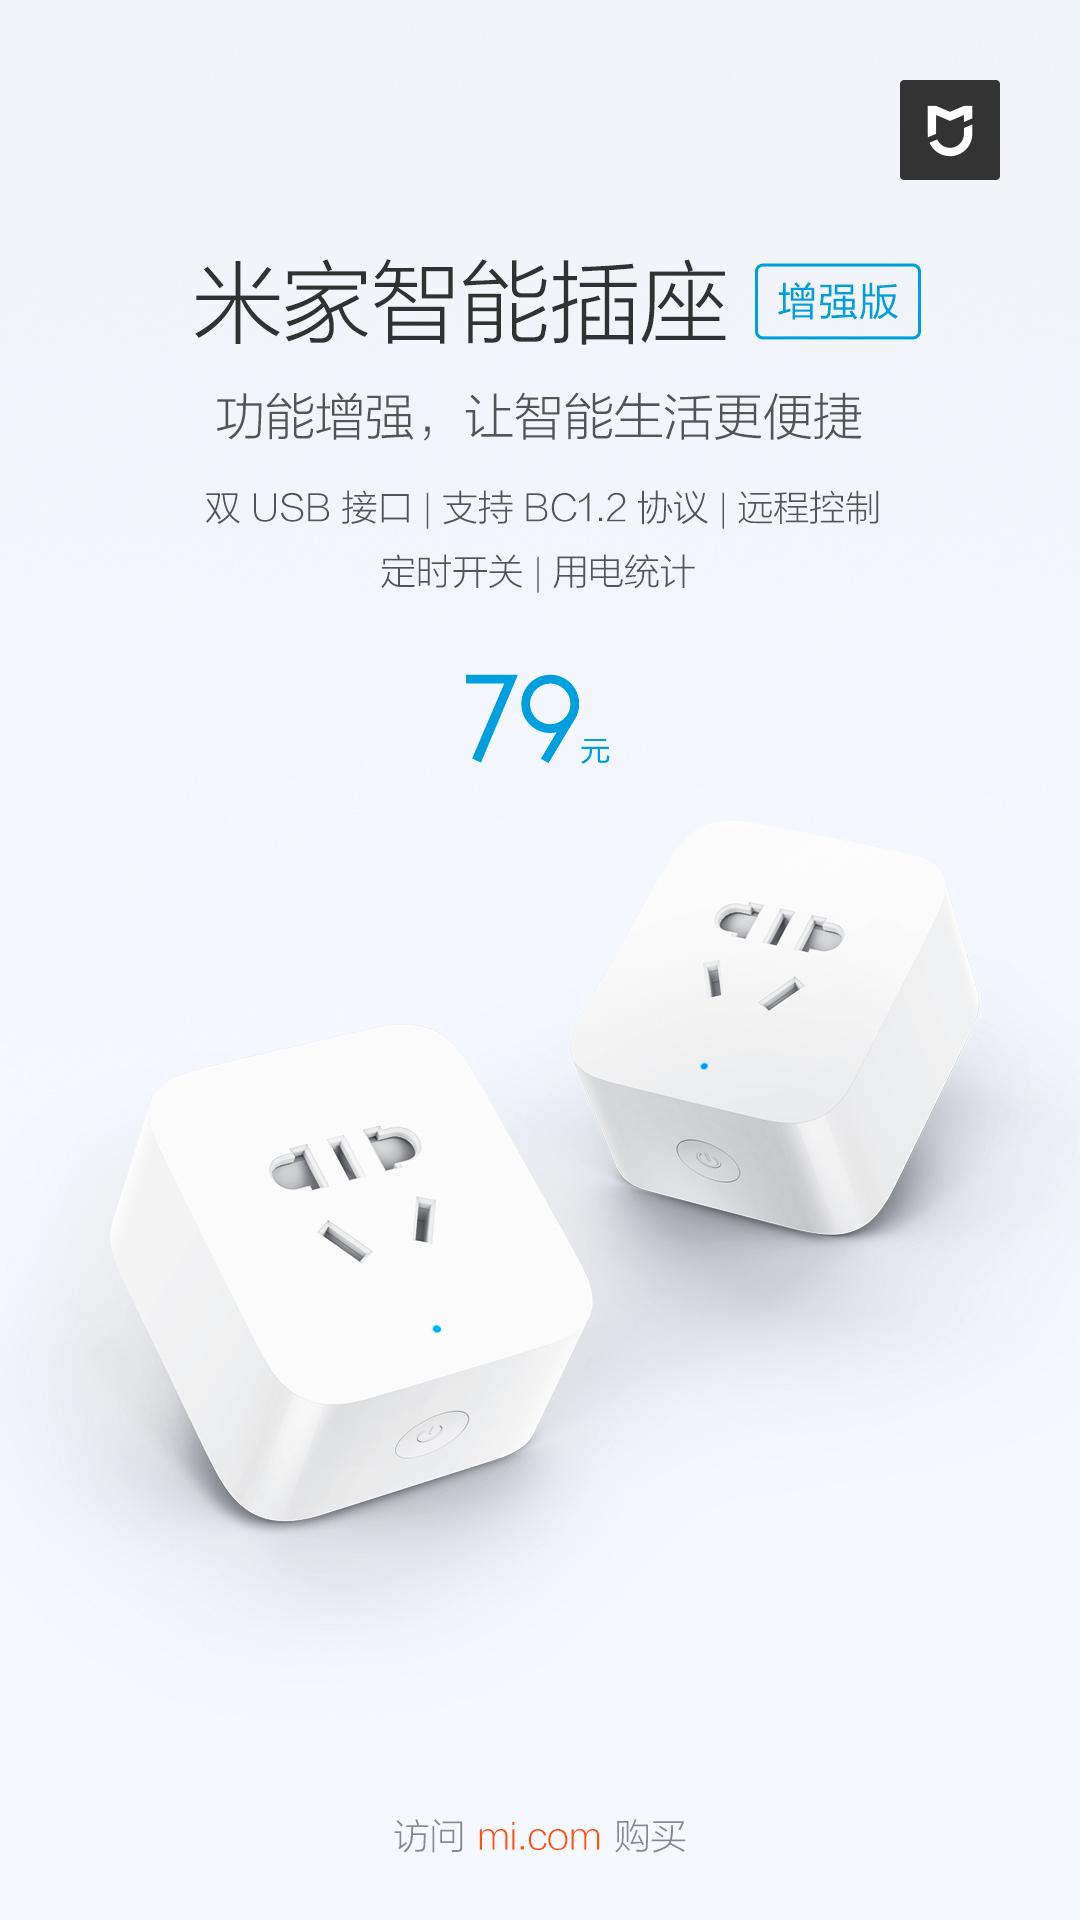 小米发布两款新品:米家智能插座增强版领衔 - 热点资讯 首页 第1张